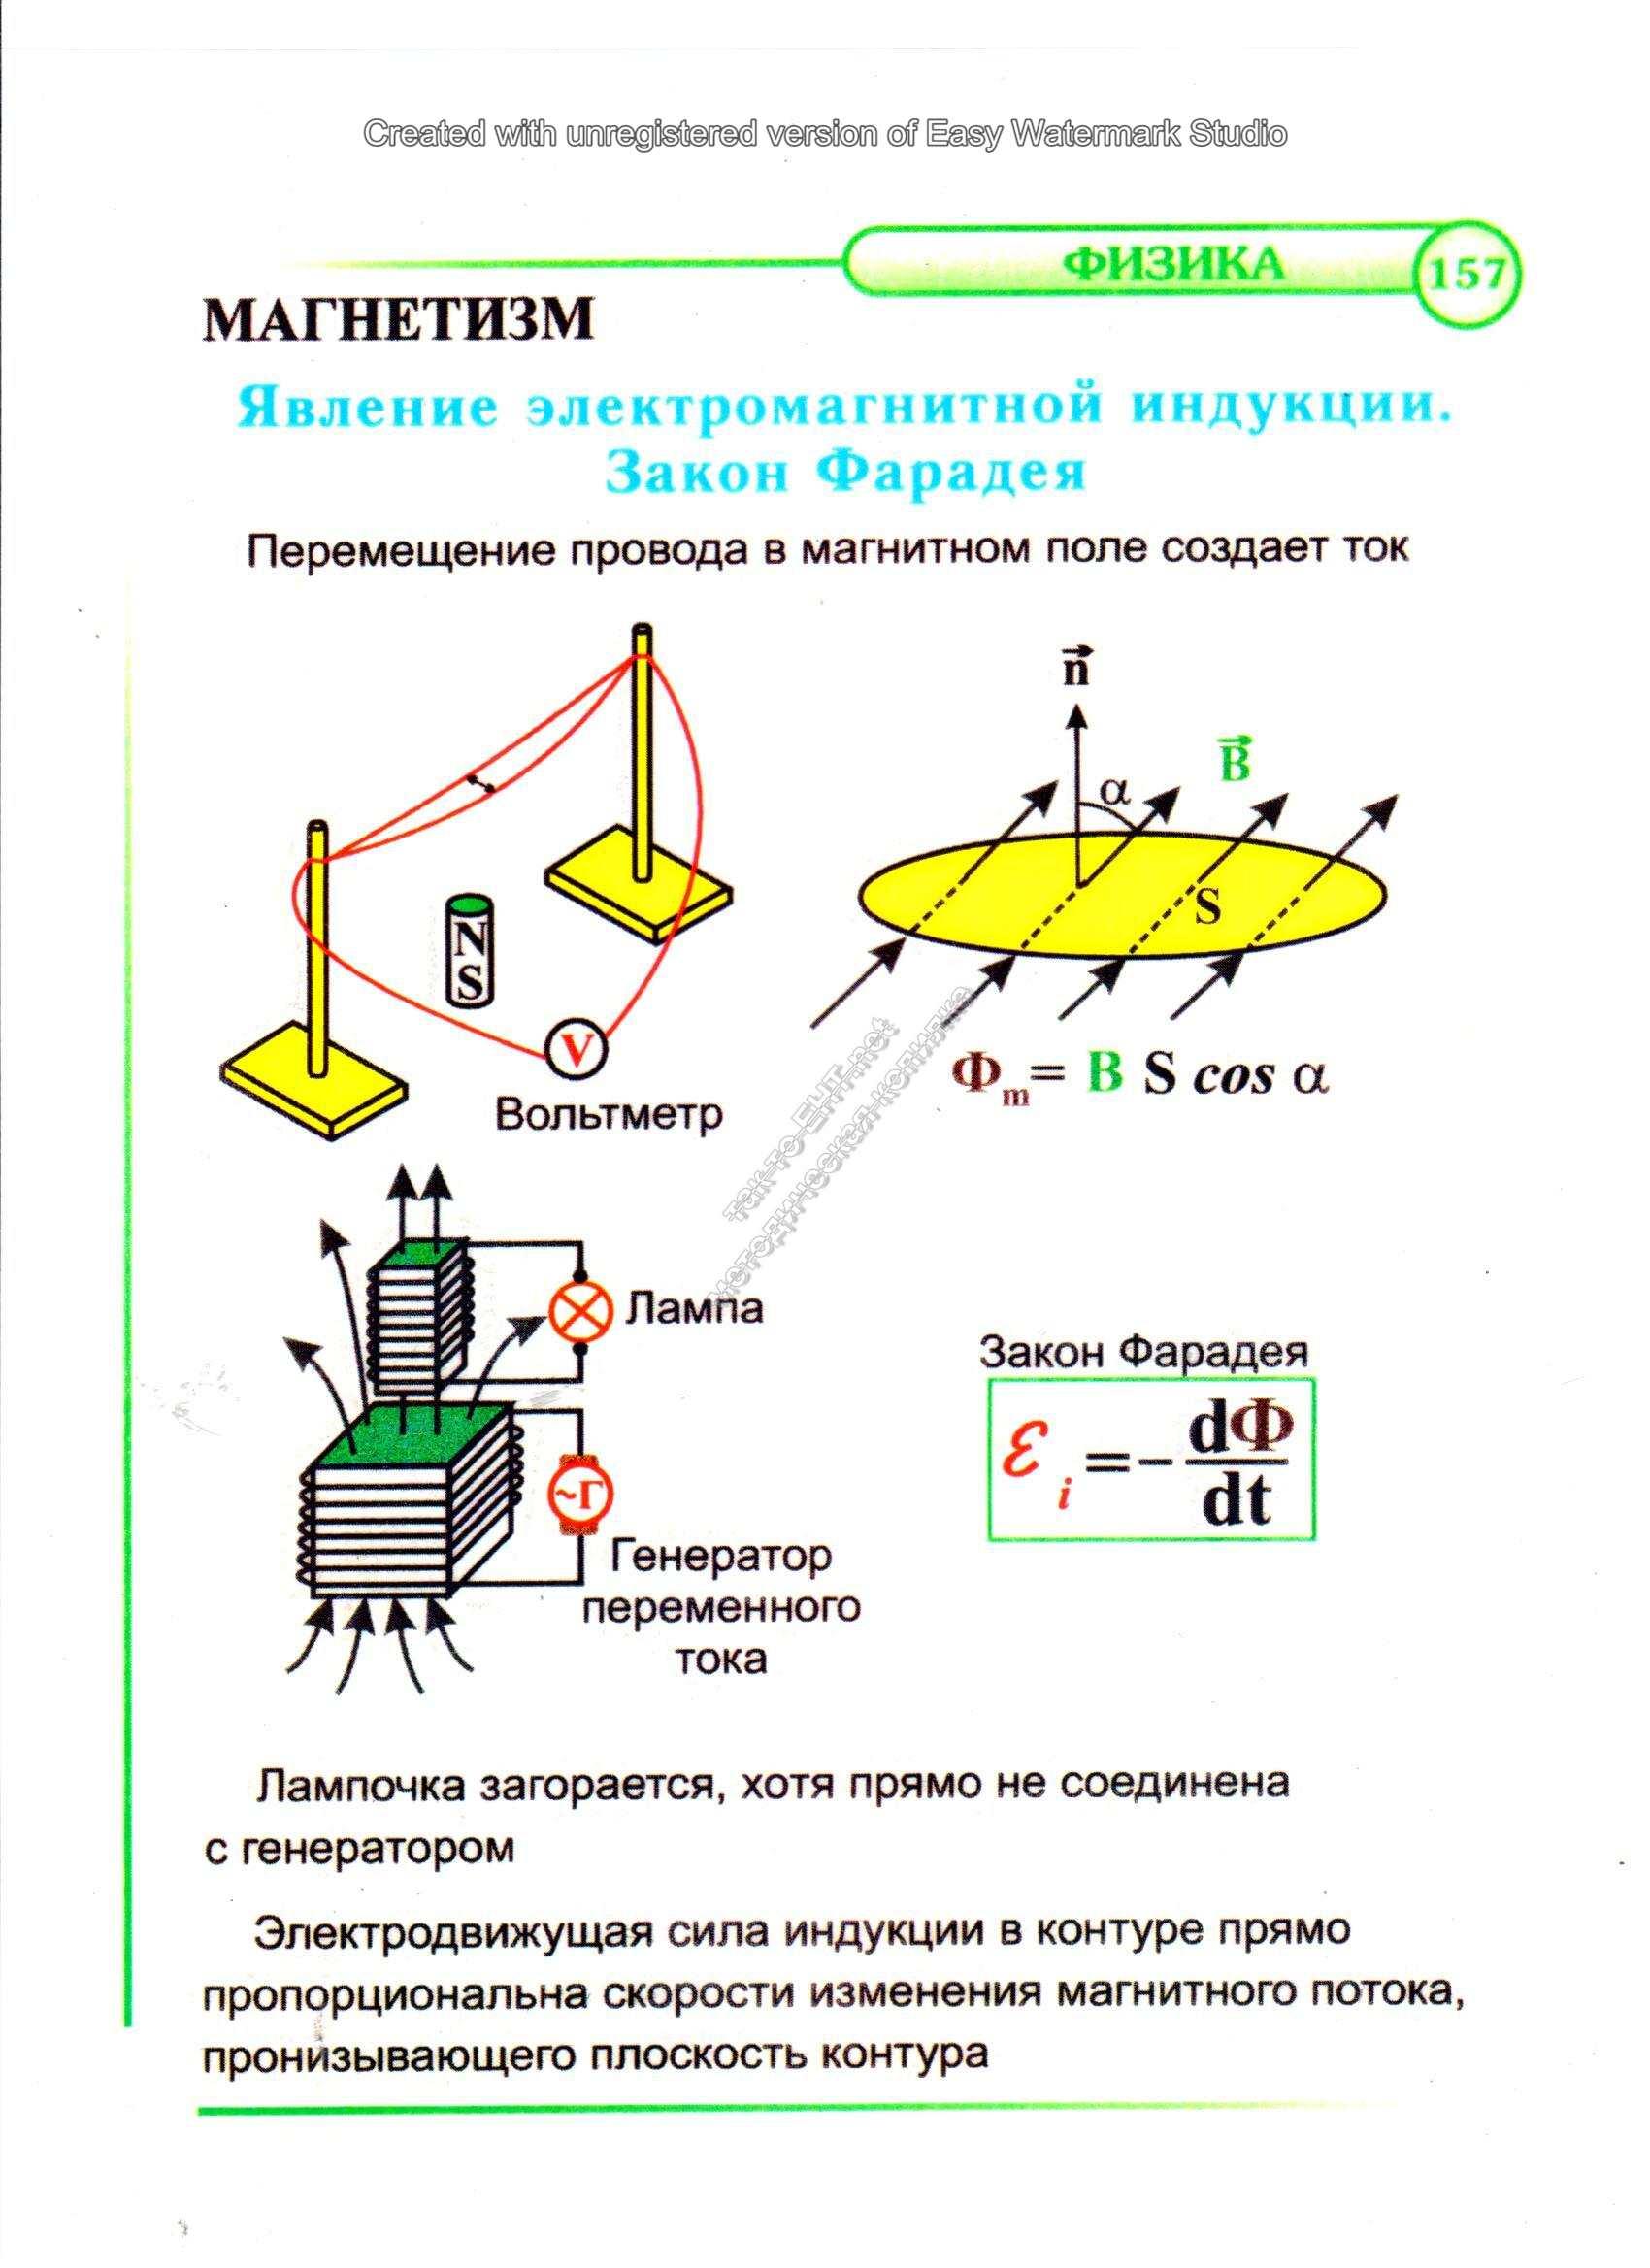 русский учёный ленц предложил правило , по которому определяется направление индукционного тока